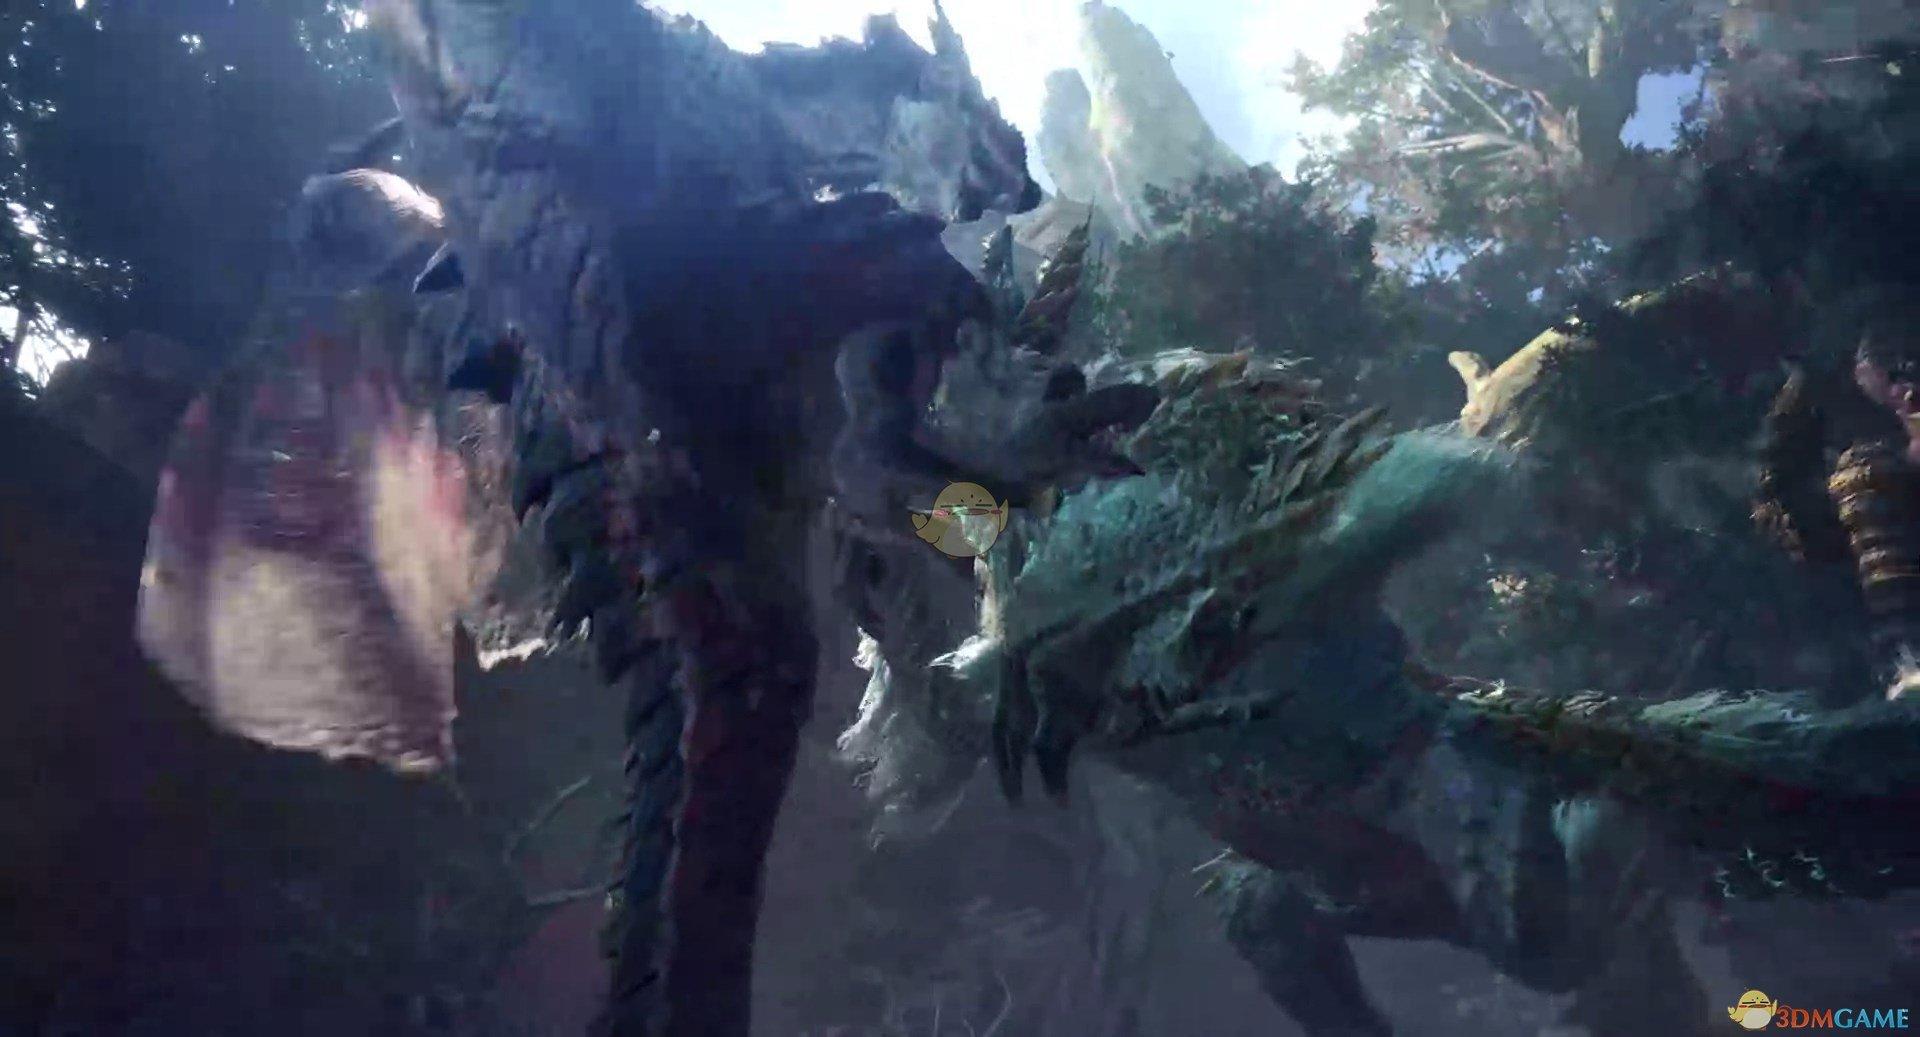 《怪物猎人:世界》冰原DLC狩猎笛开荒重要技能介绍